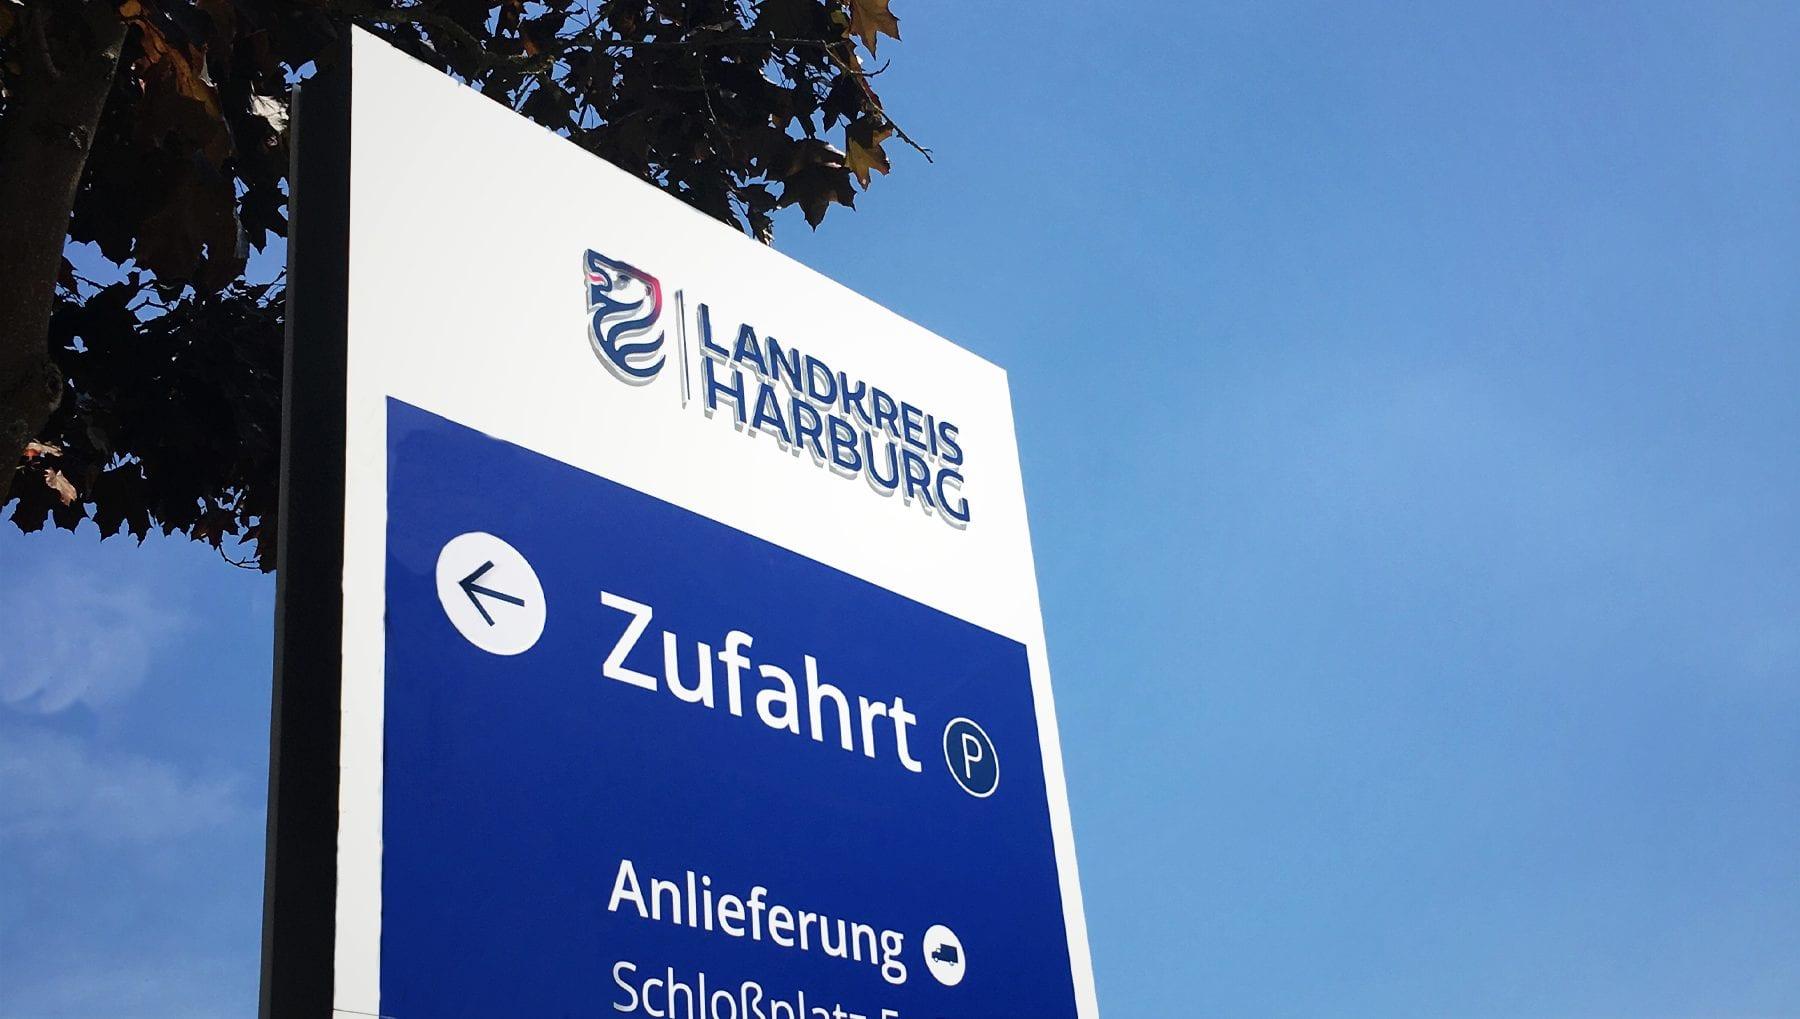 Landkreis Harburg erhält ein neues Erscheinungsbild